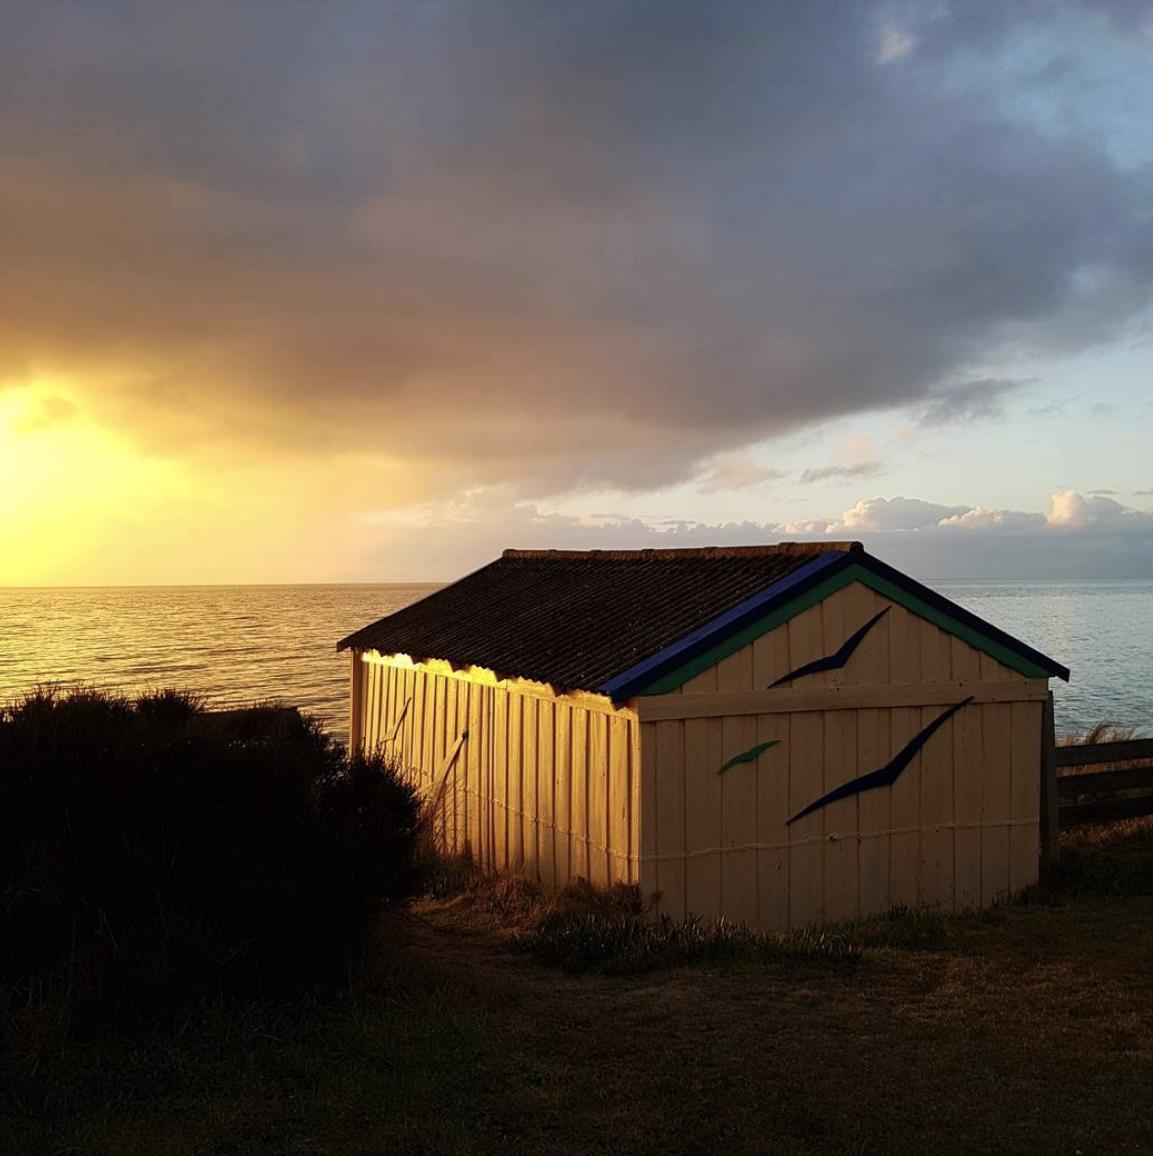 Sunset, Mornington Peninsula, Australie